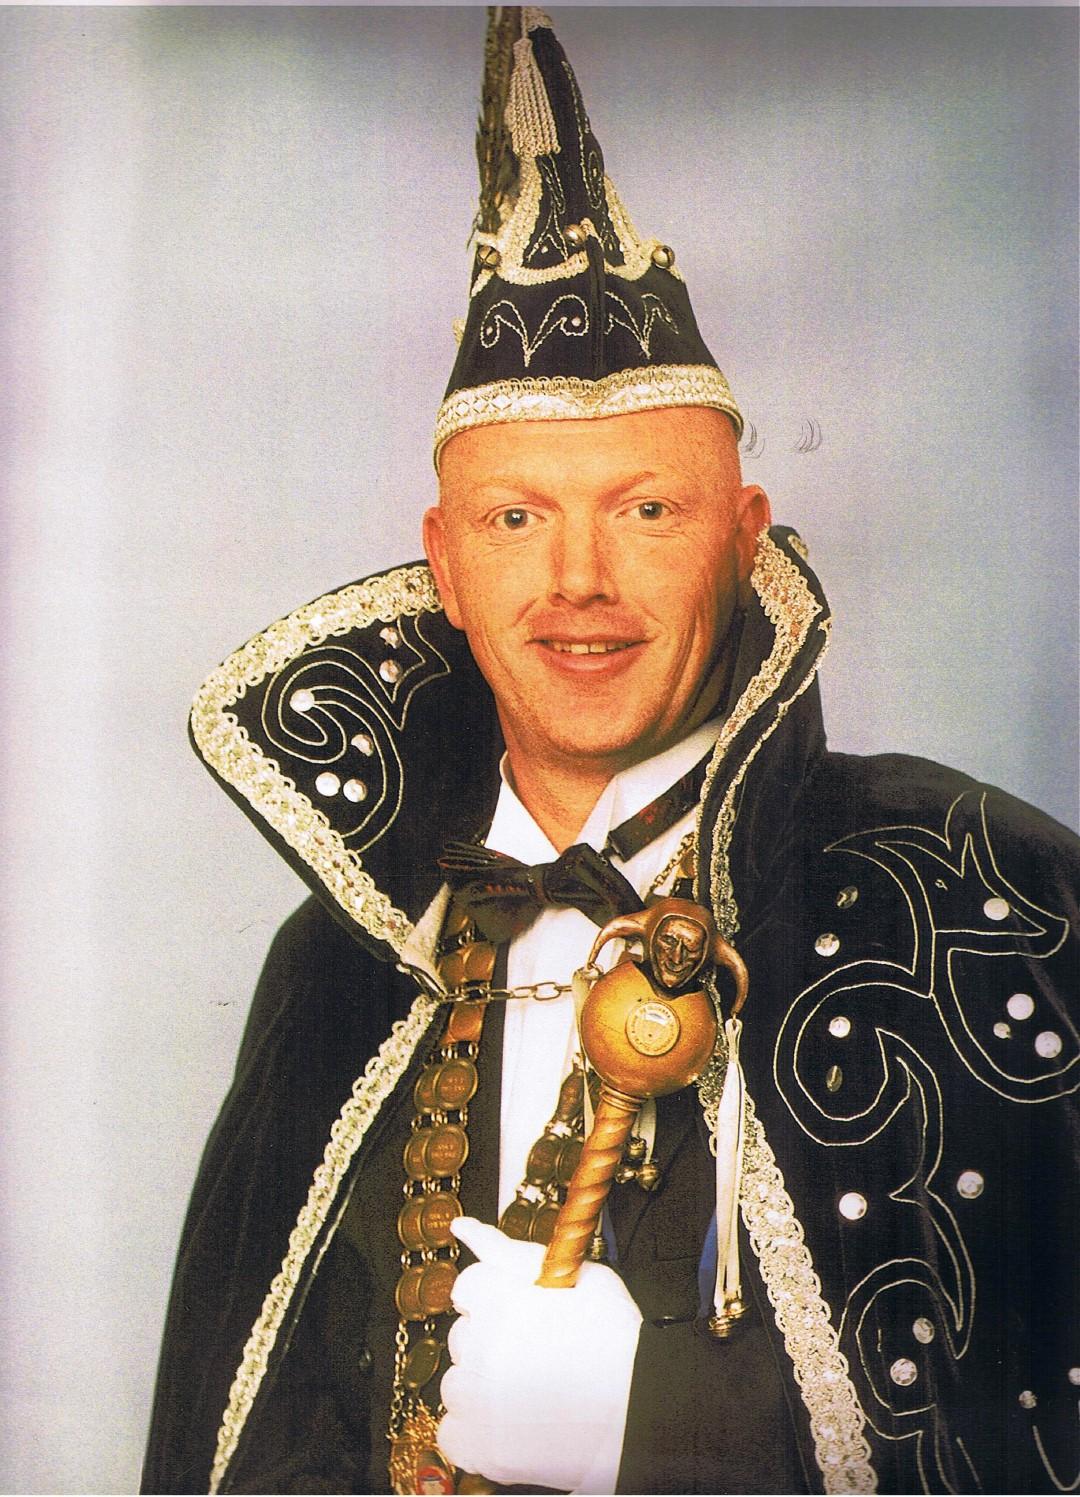 1999 2000 Prins Chris de 1e Chris Treling